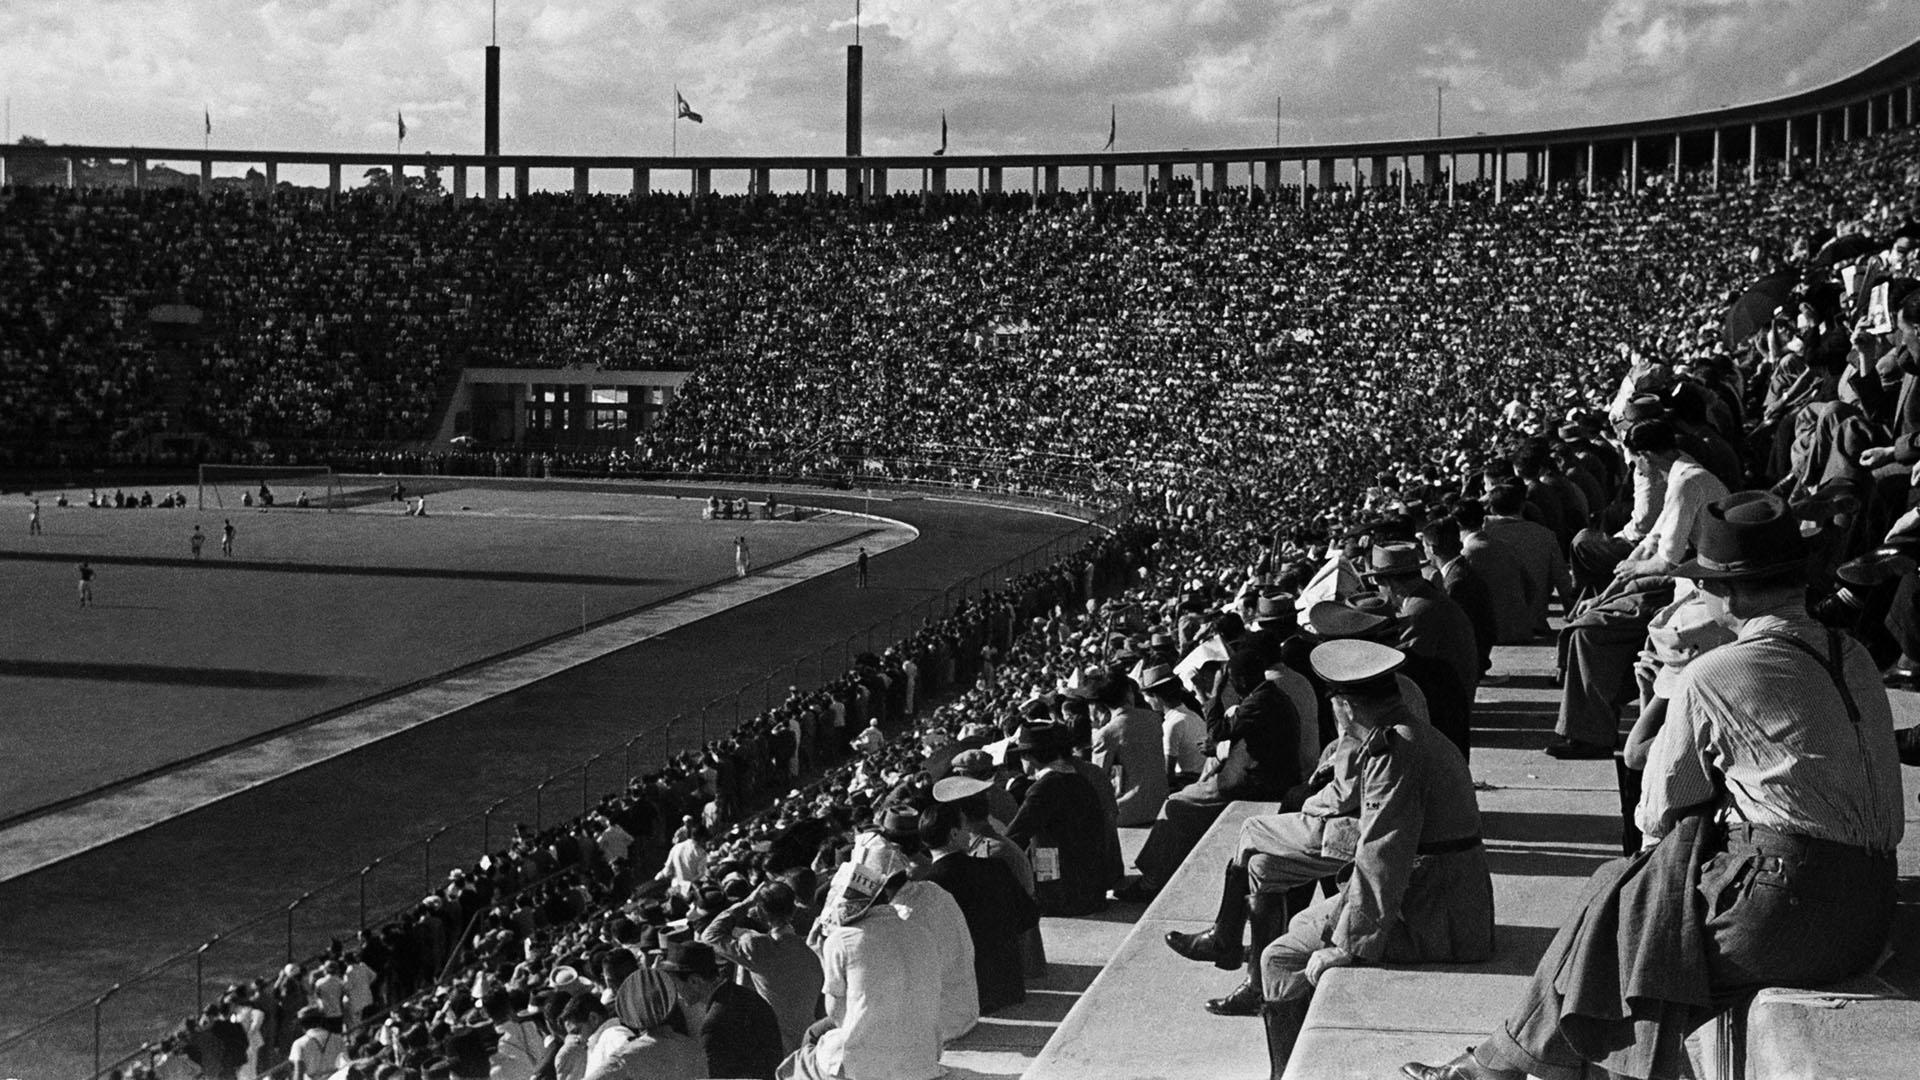 Estádio do Pacaembu, São Paulo, 1945. Foto de Thomaz Farkas/ Acervo IMS